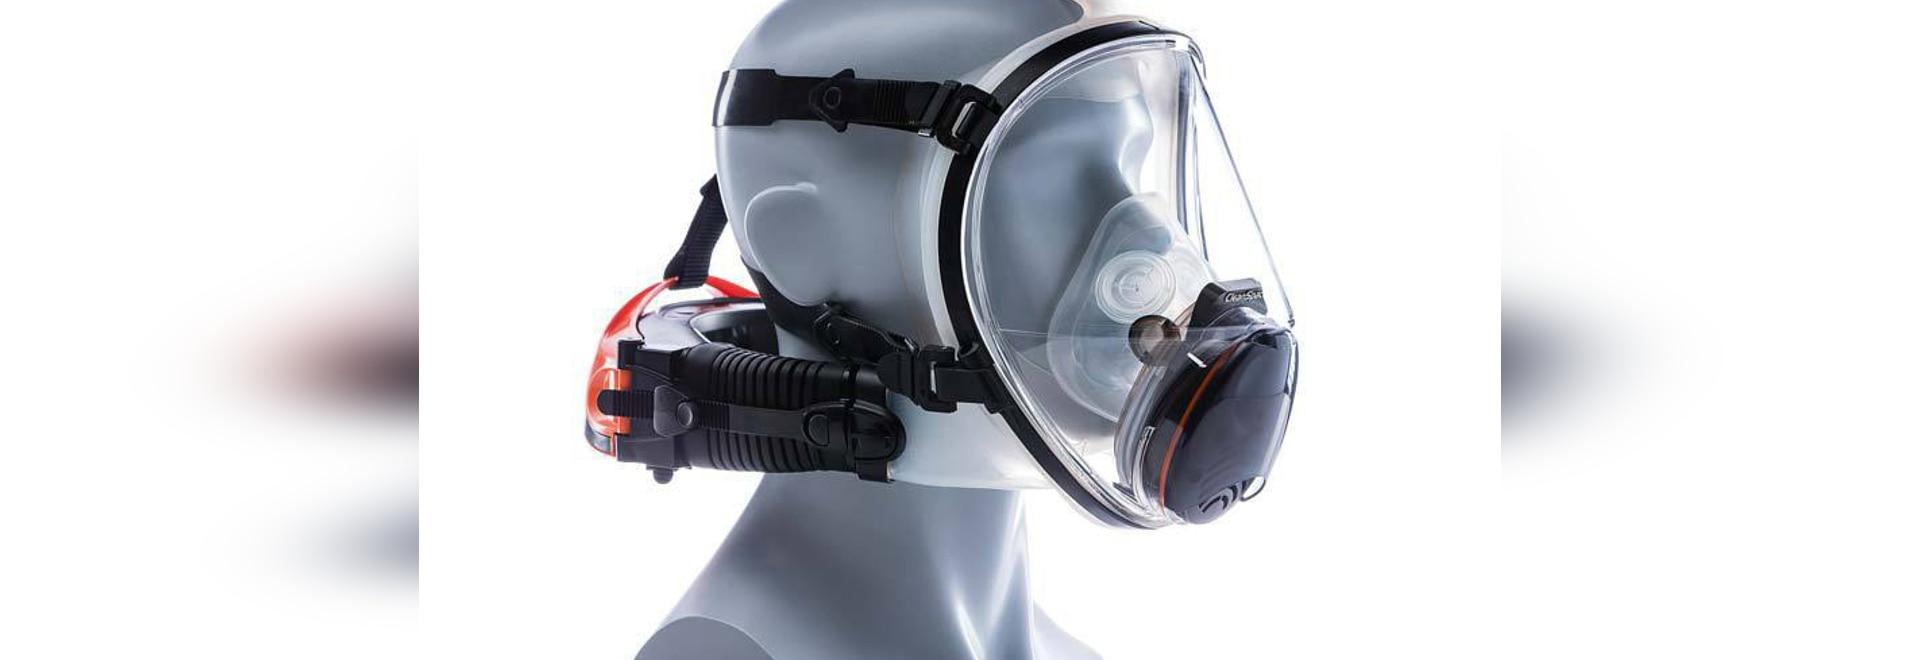 El respirador proporciona la protección de la cara llena